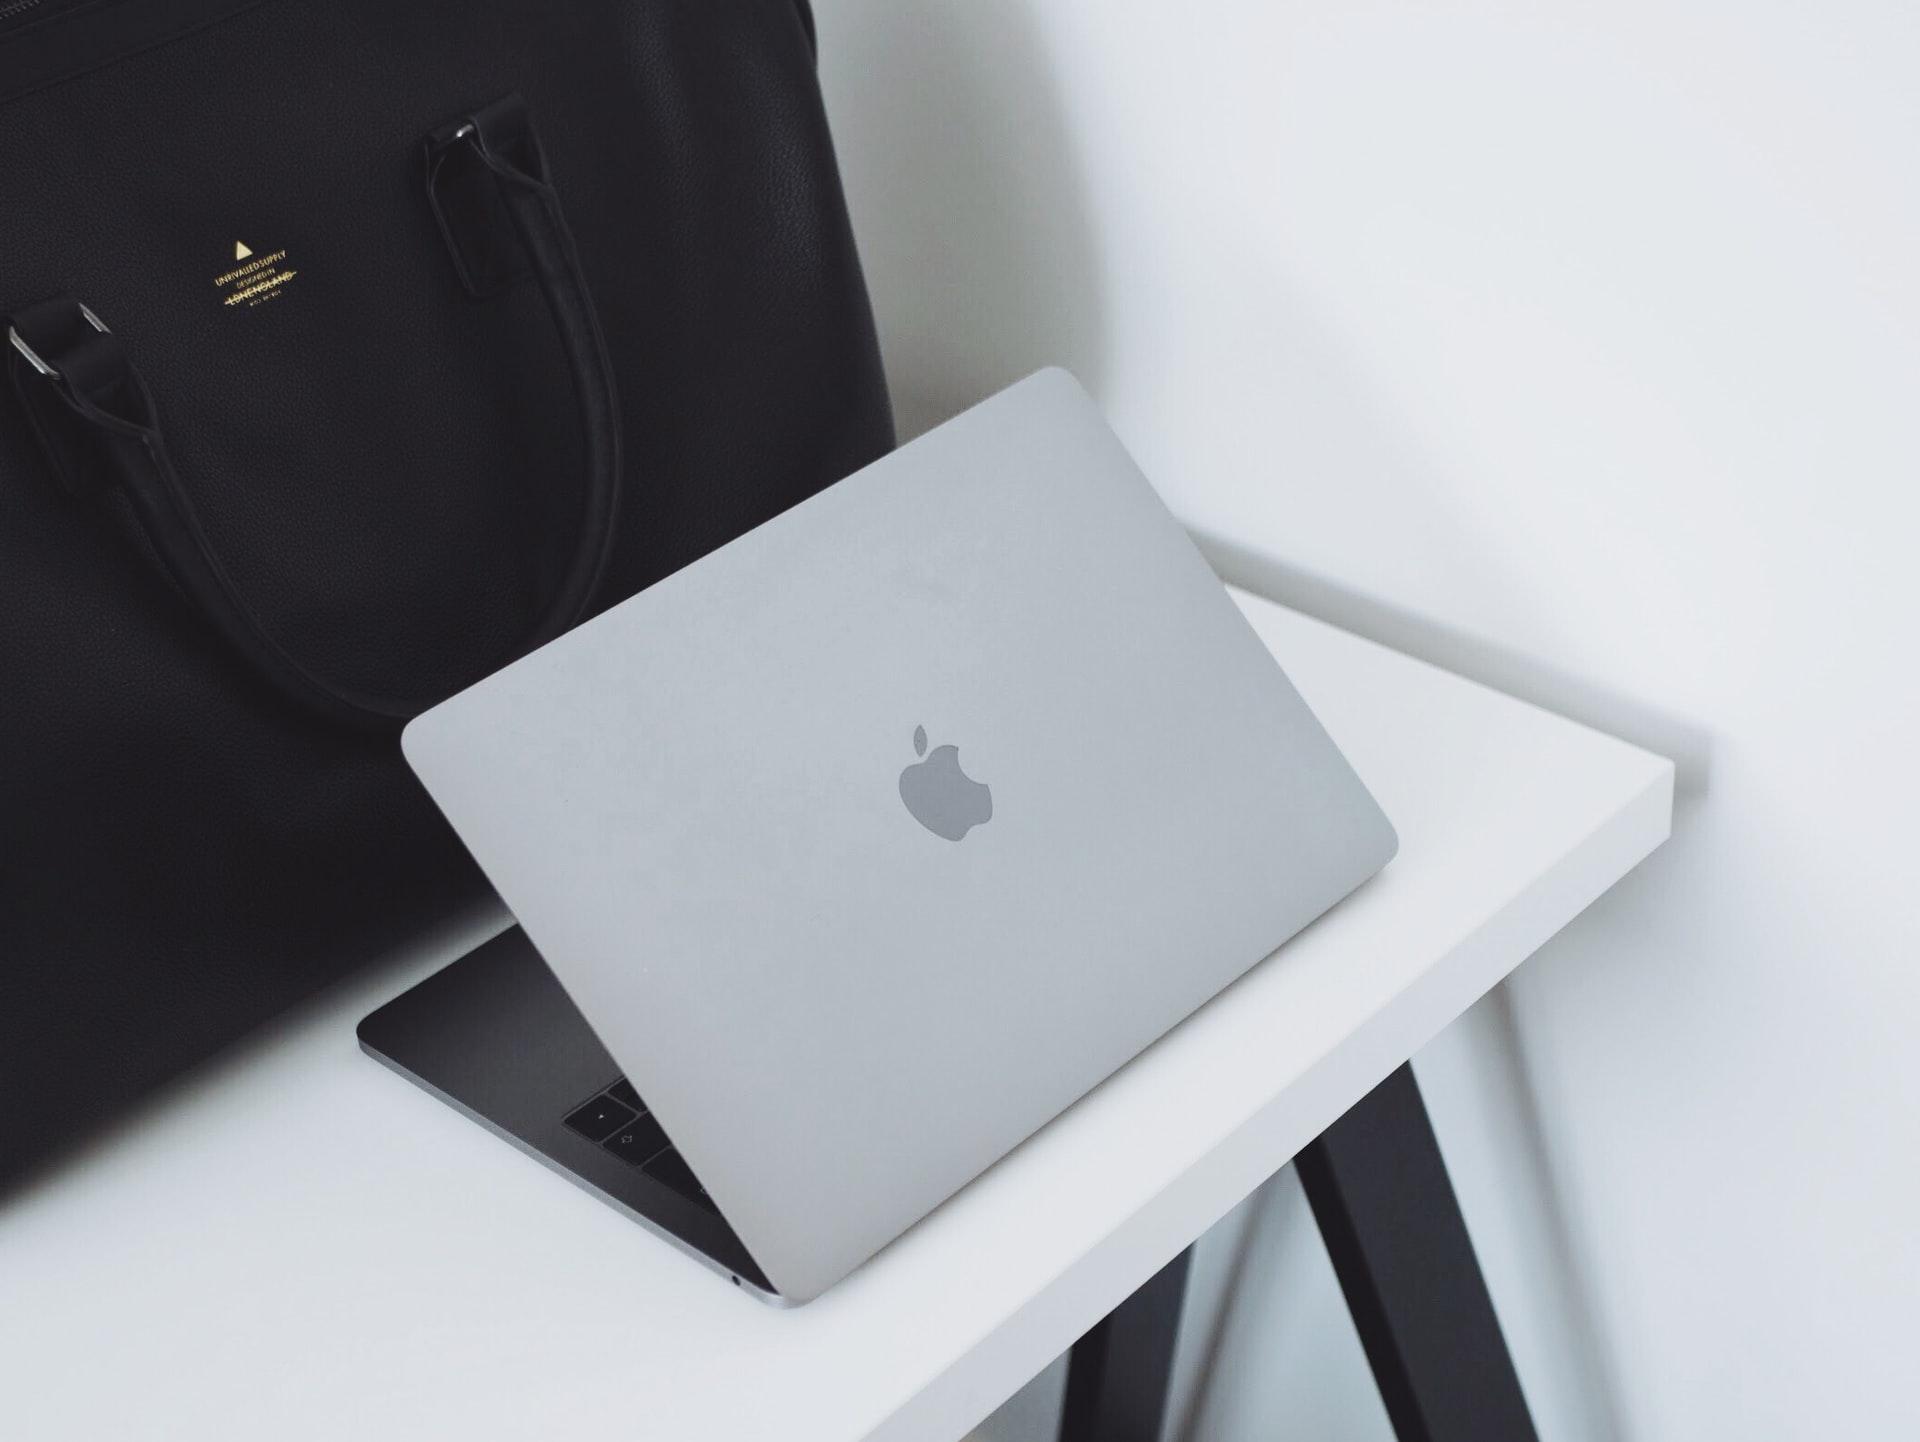 M1MacBook Air